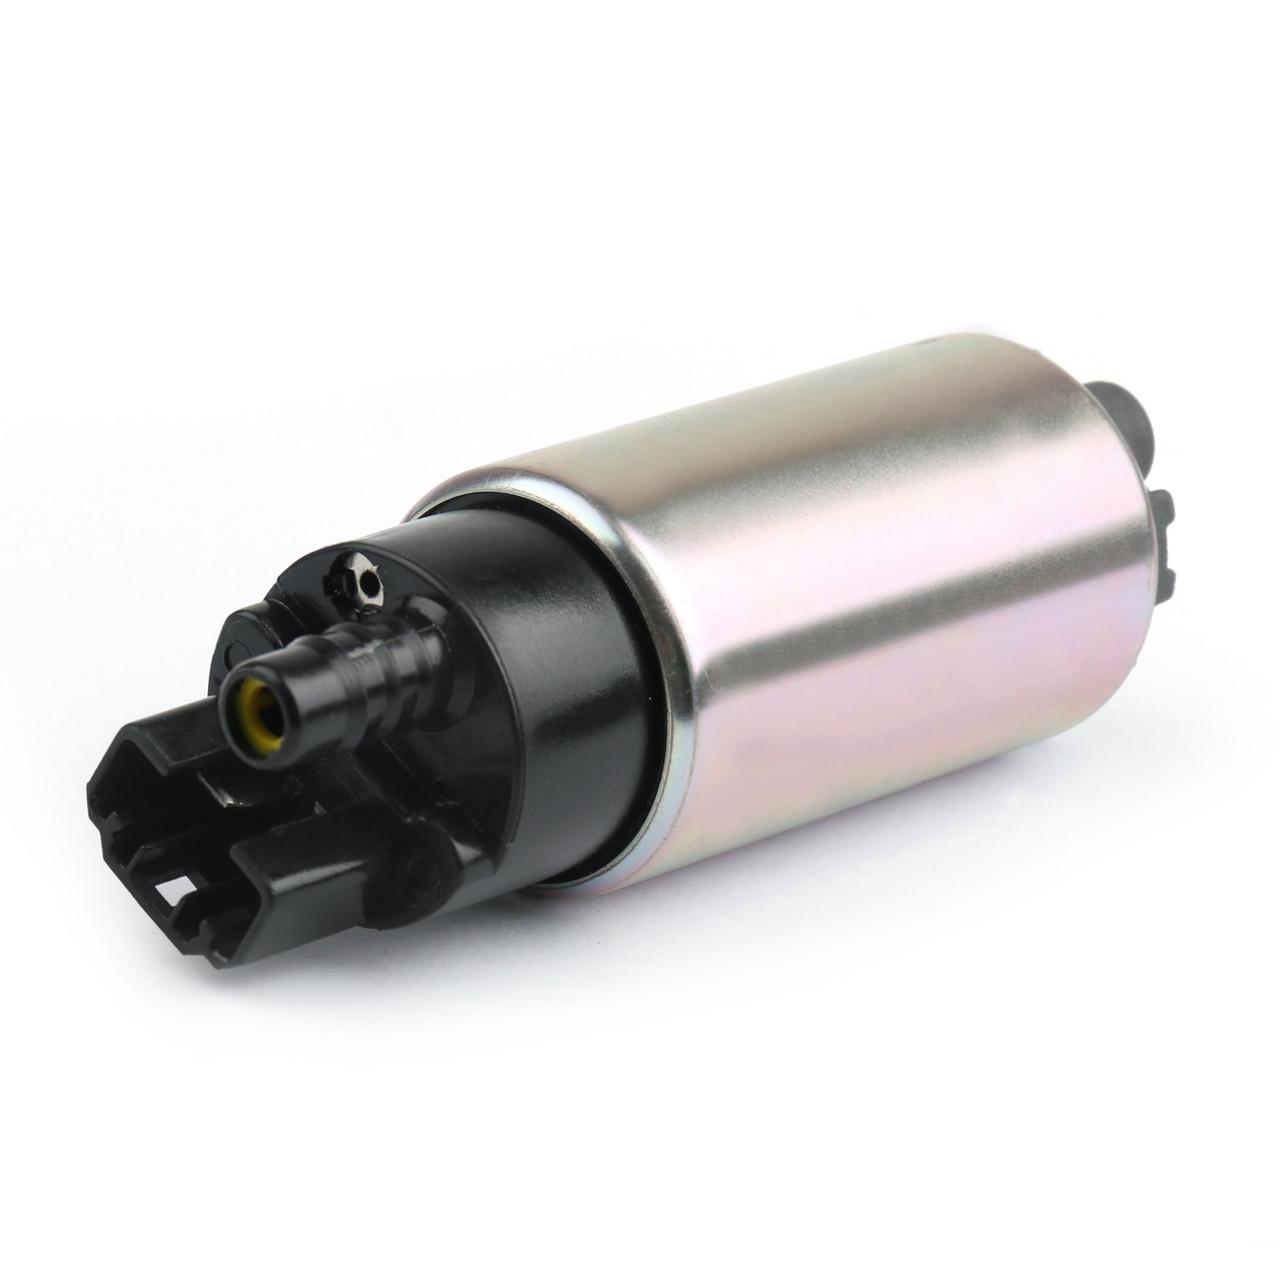 Fuel Pump For CBR600 CBR600F 01-06 CBR600F4i 01-06 Silver